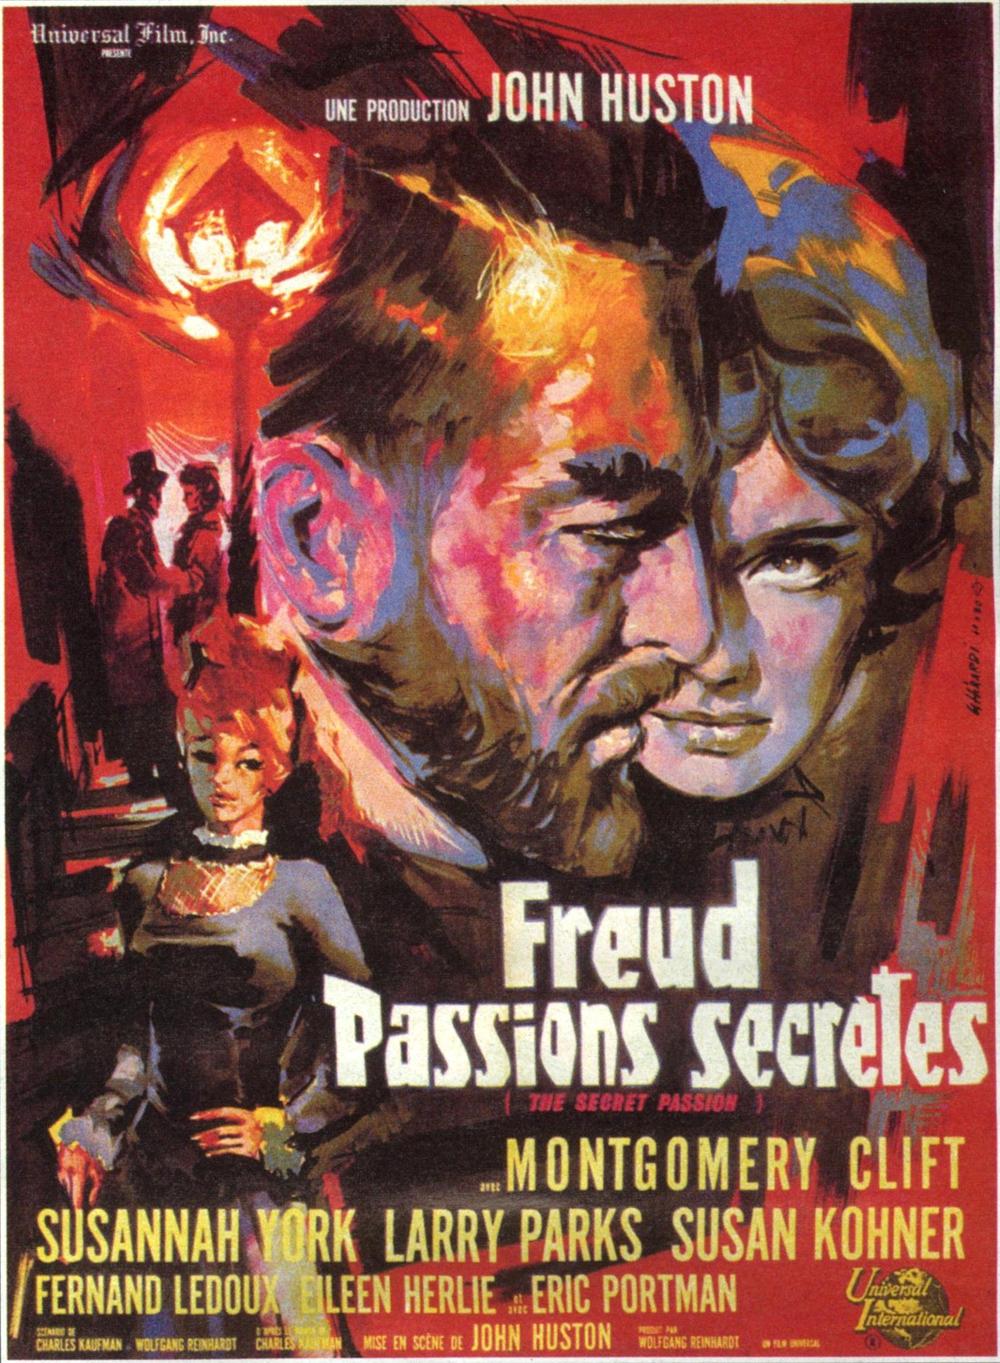 affiche du film Freud, passions secrètes